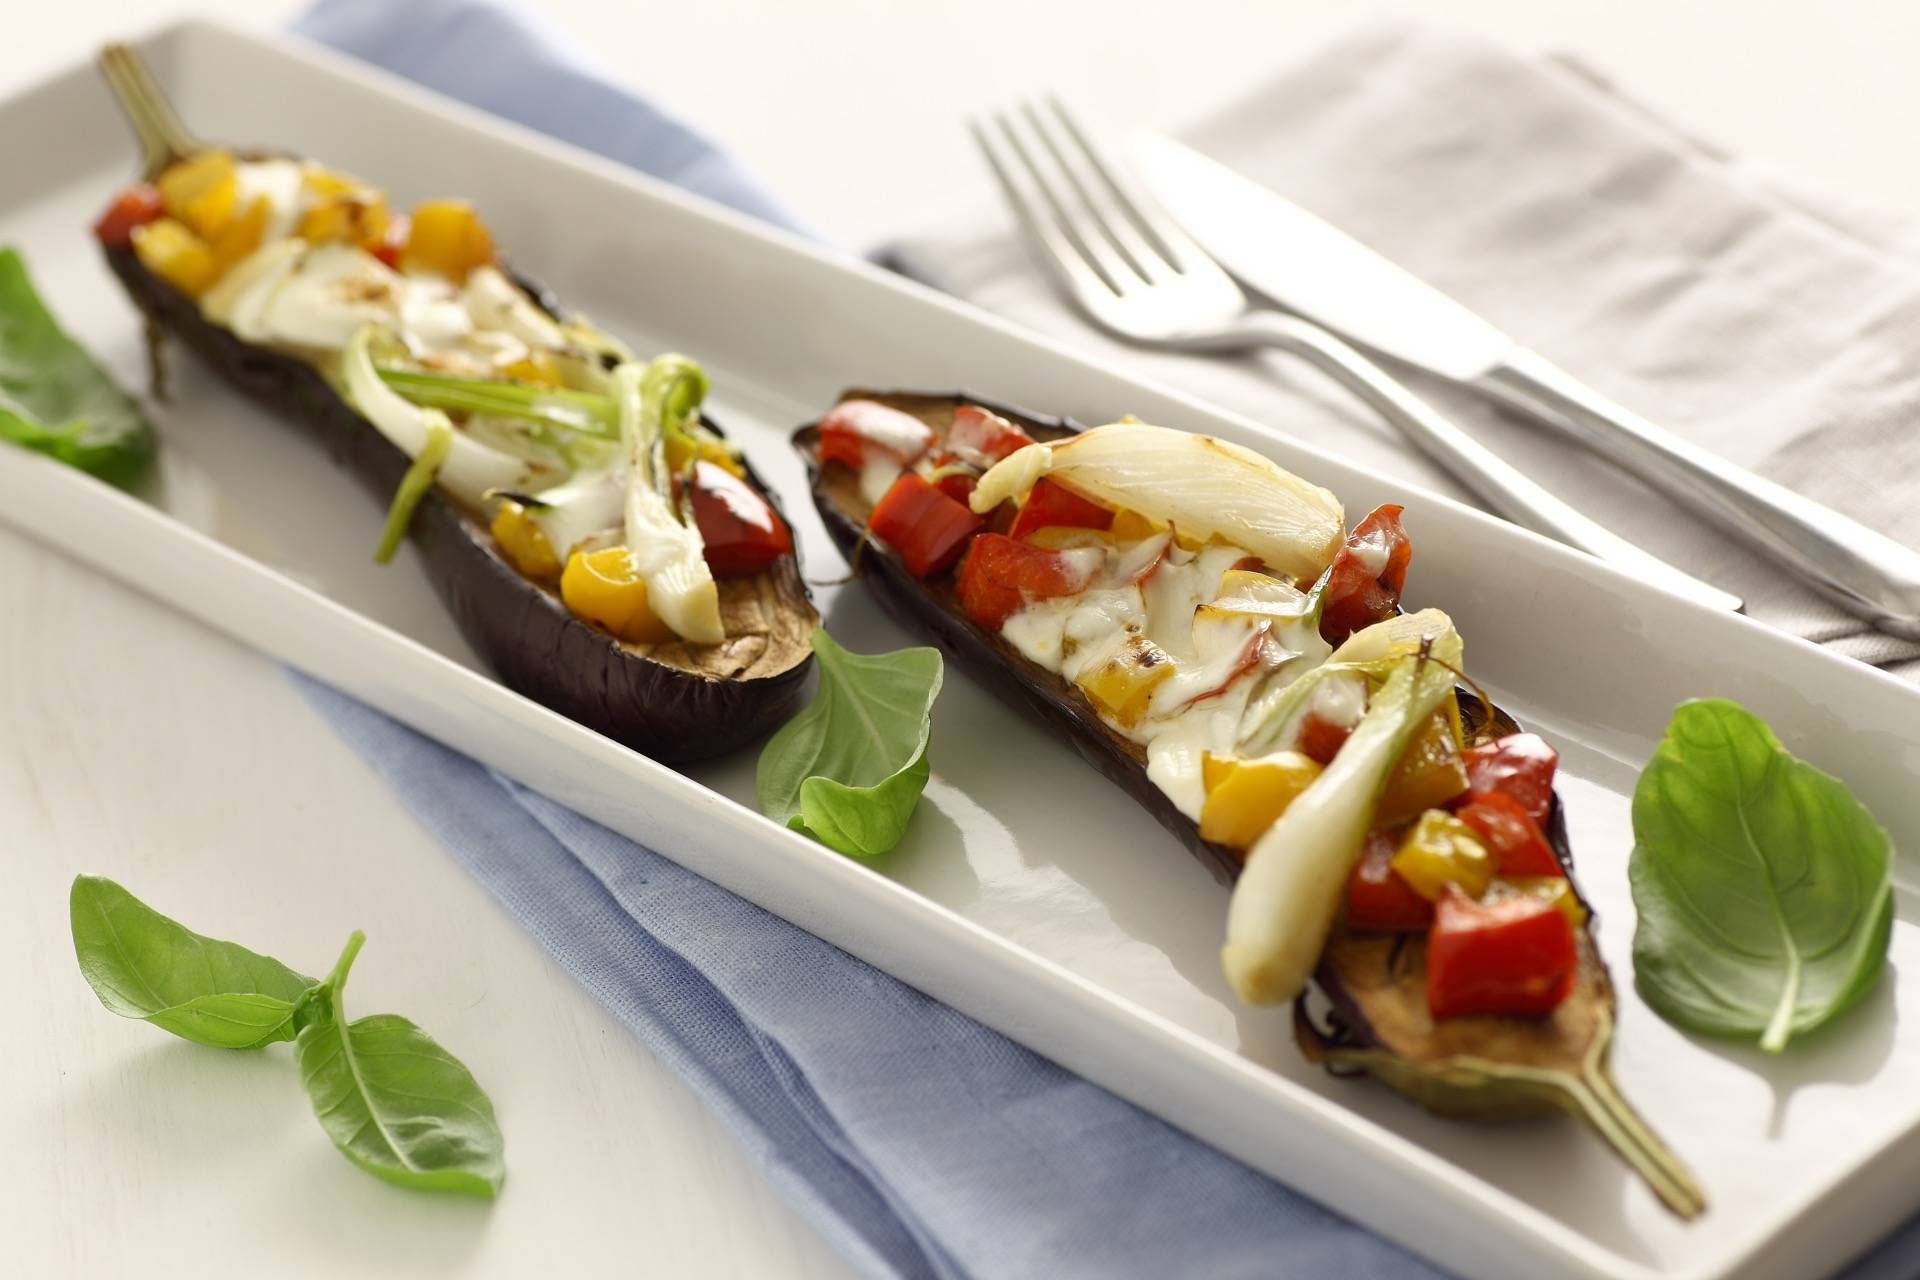 Melanzane al forno con verdure - Parmalat